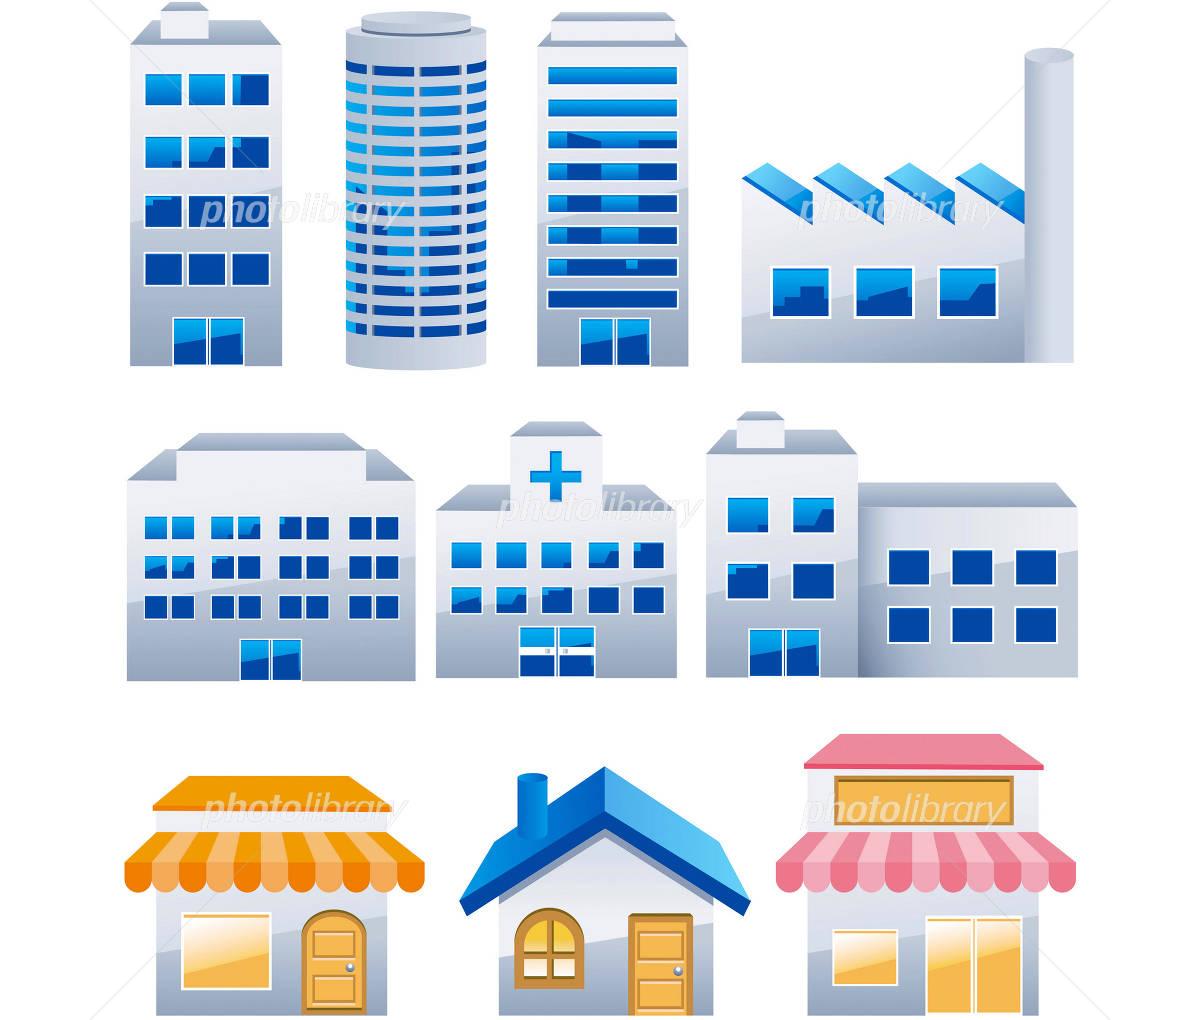 建物 ビル 素材 イラスト素材 1320866 フォトライブラリー